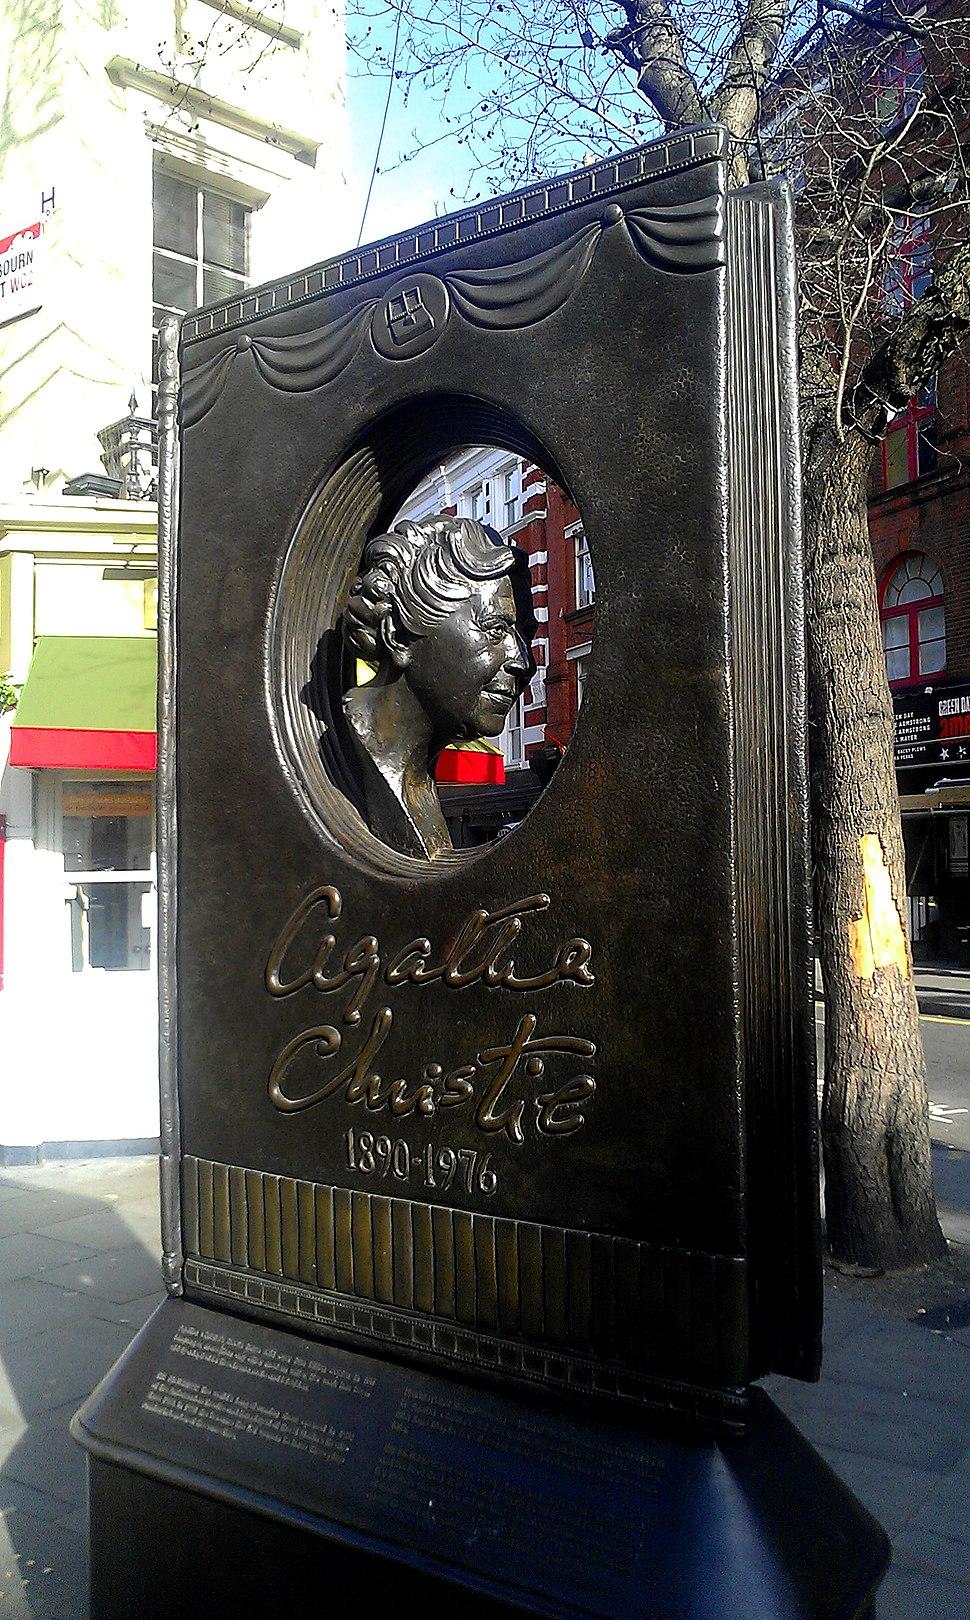 Agatha Christie memorial, central London